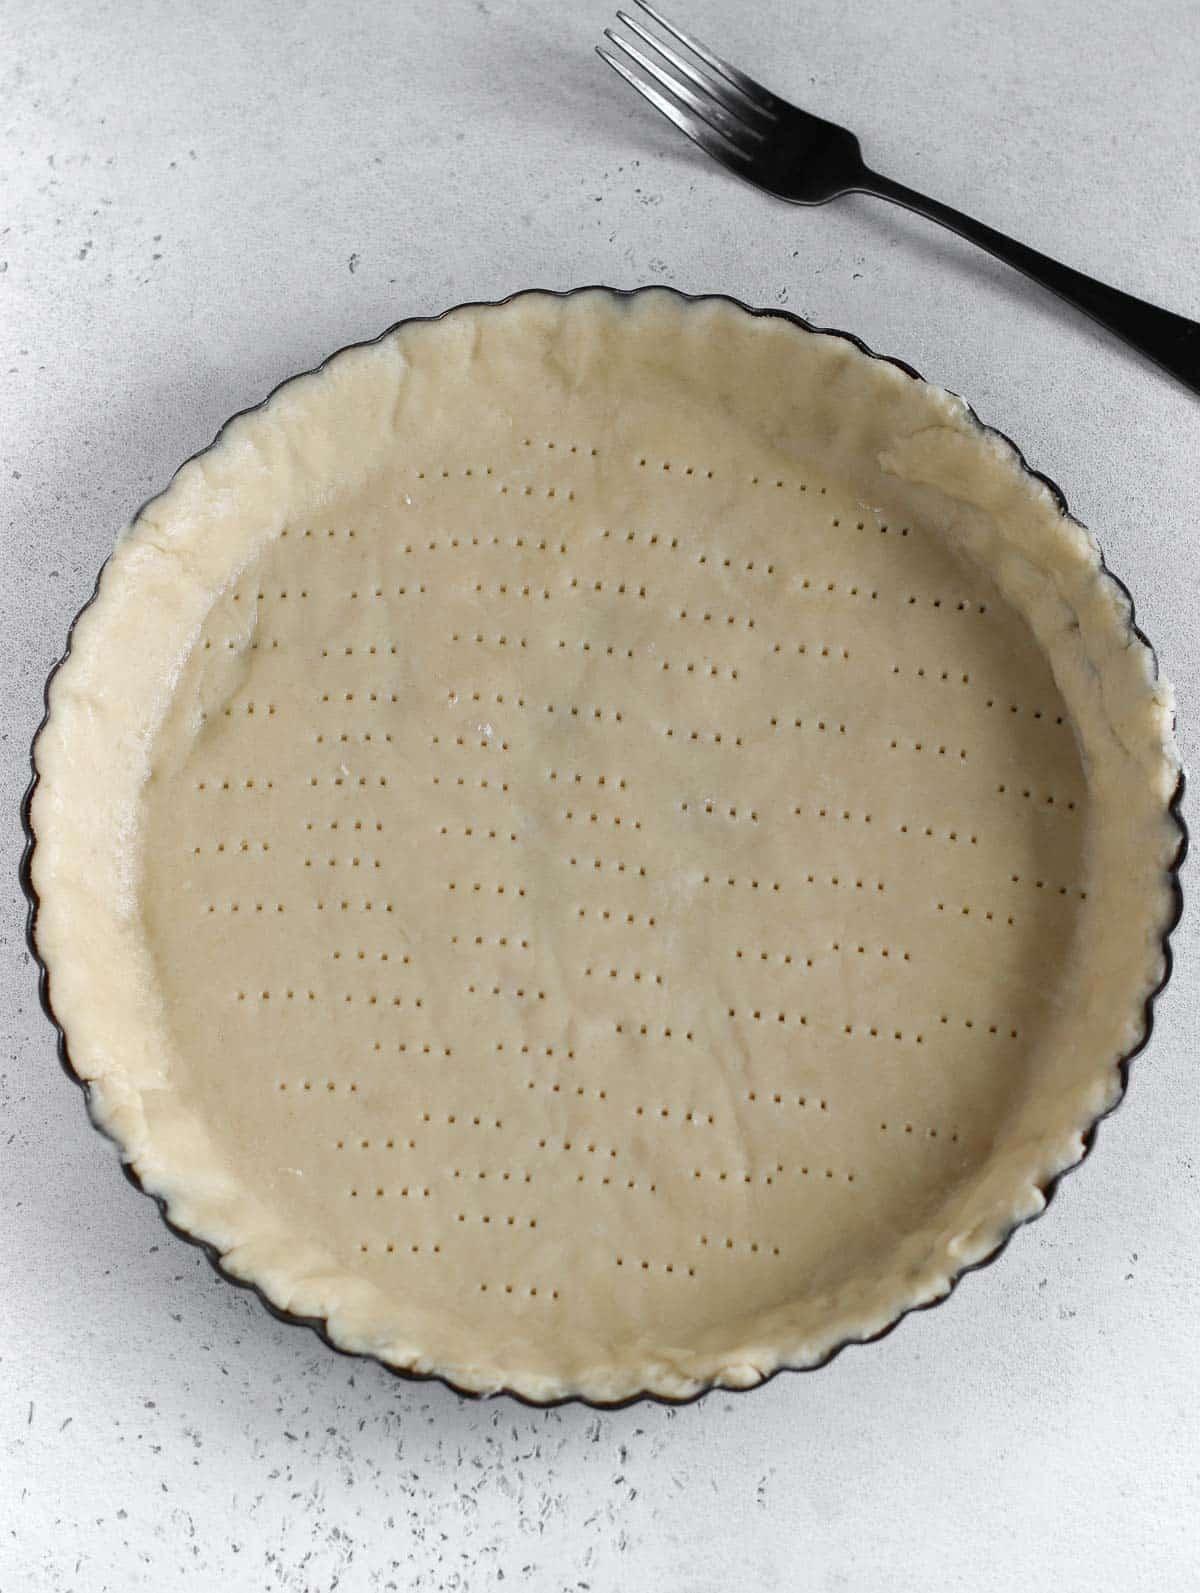 pie curst in the pie dish